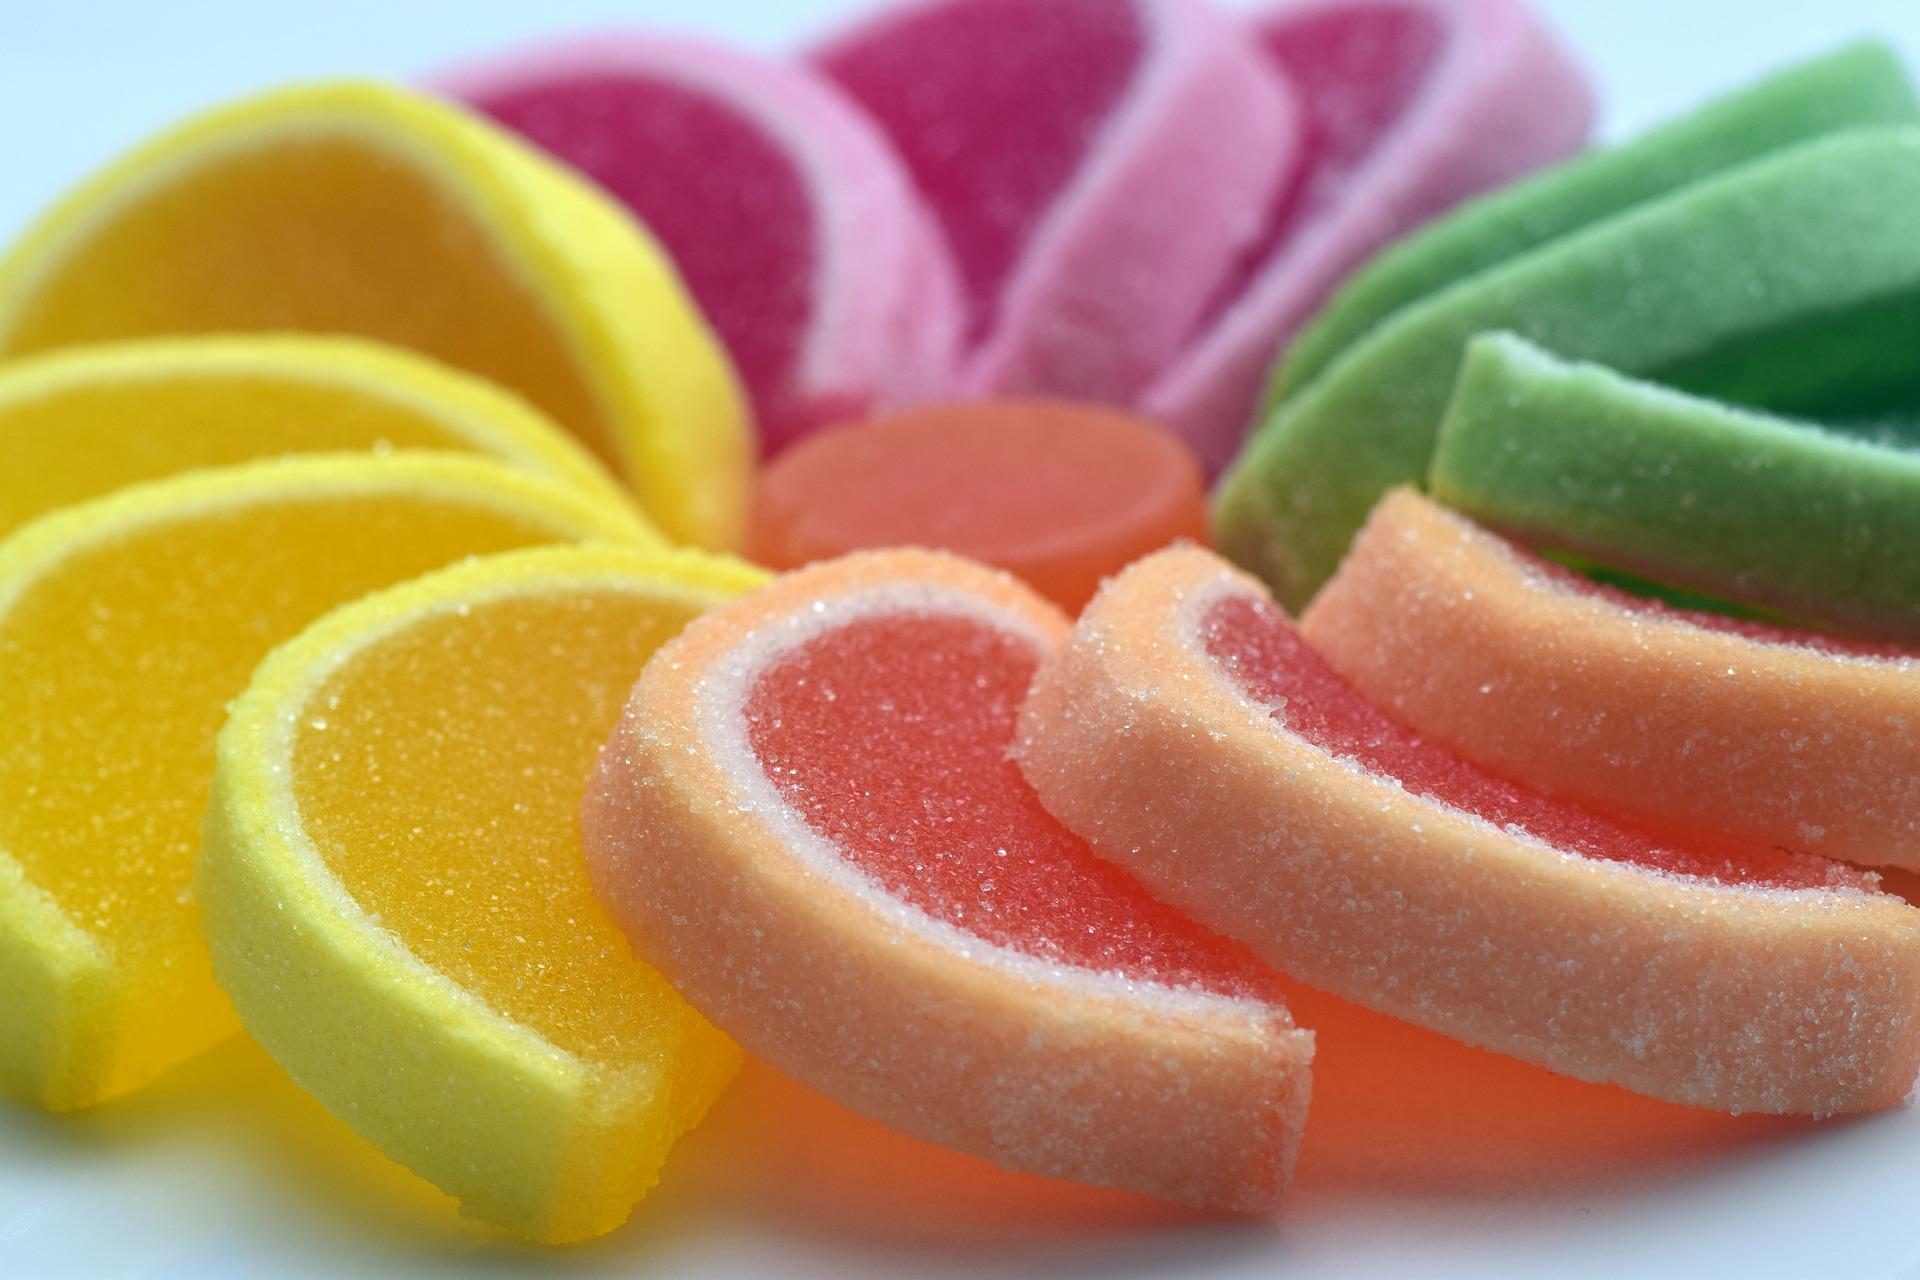 Evita il più possibile lo zucchero! - Lo zucchero si trova in molti alimenti e bevande: carboidrati, merendine, snack a base di amido di mais, bibite gassate e molto altro…